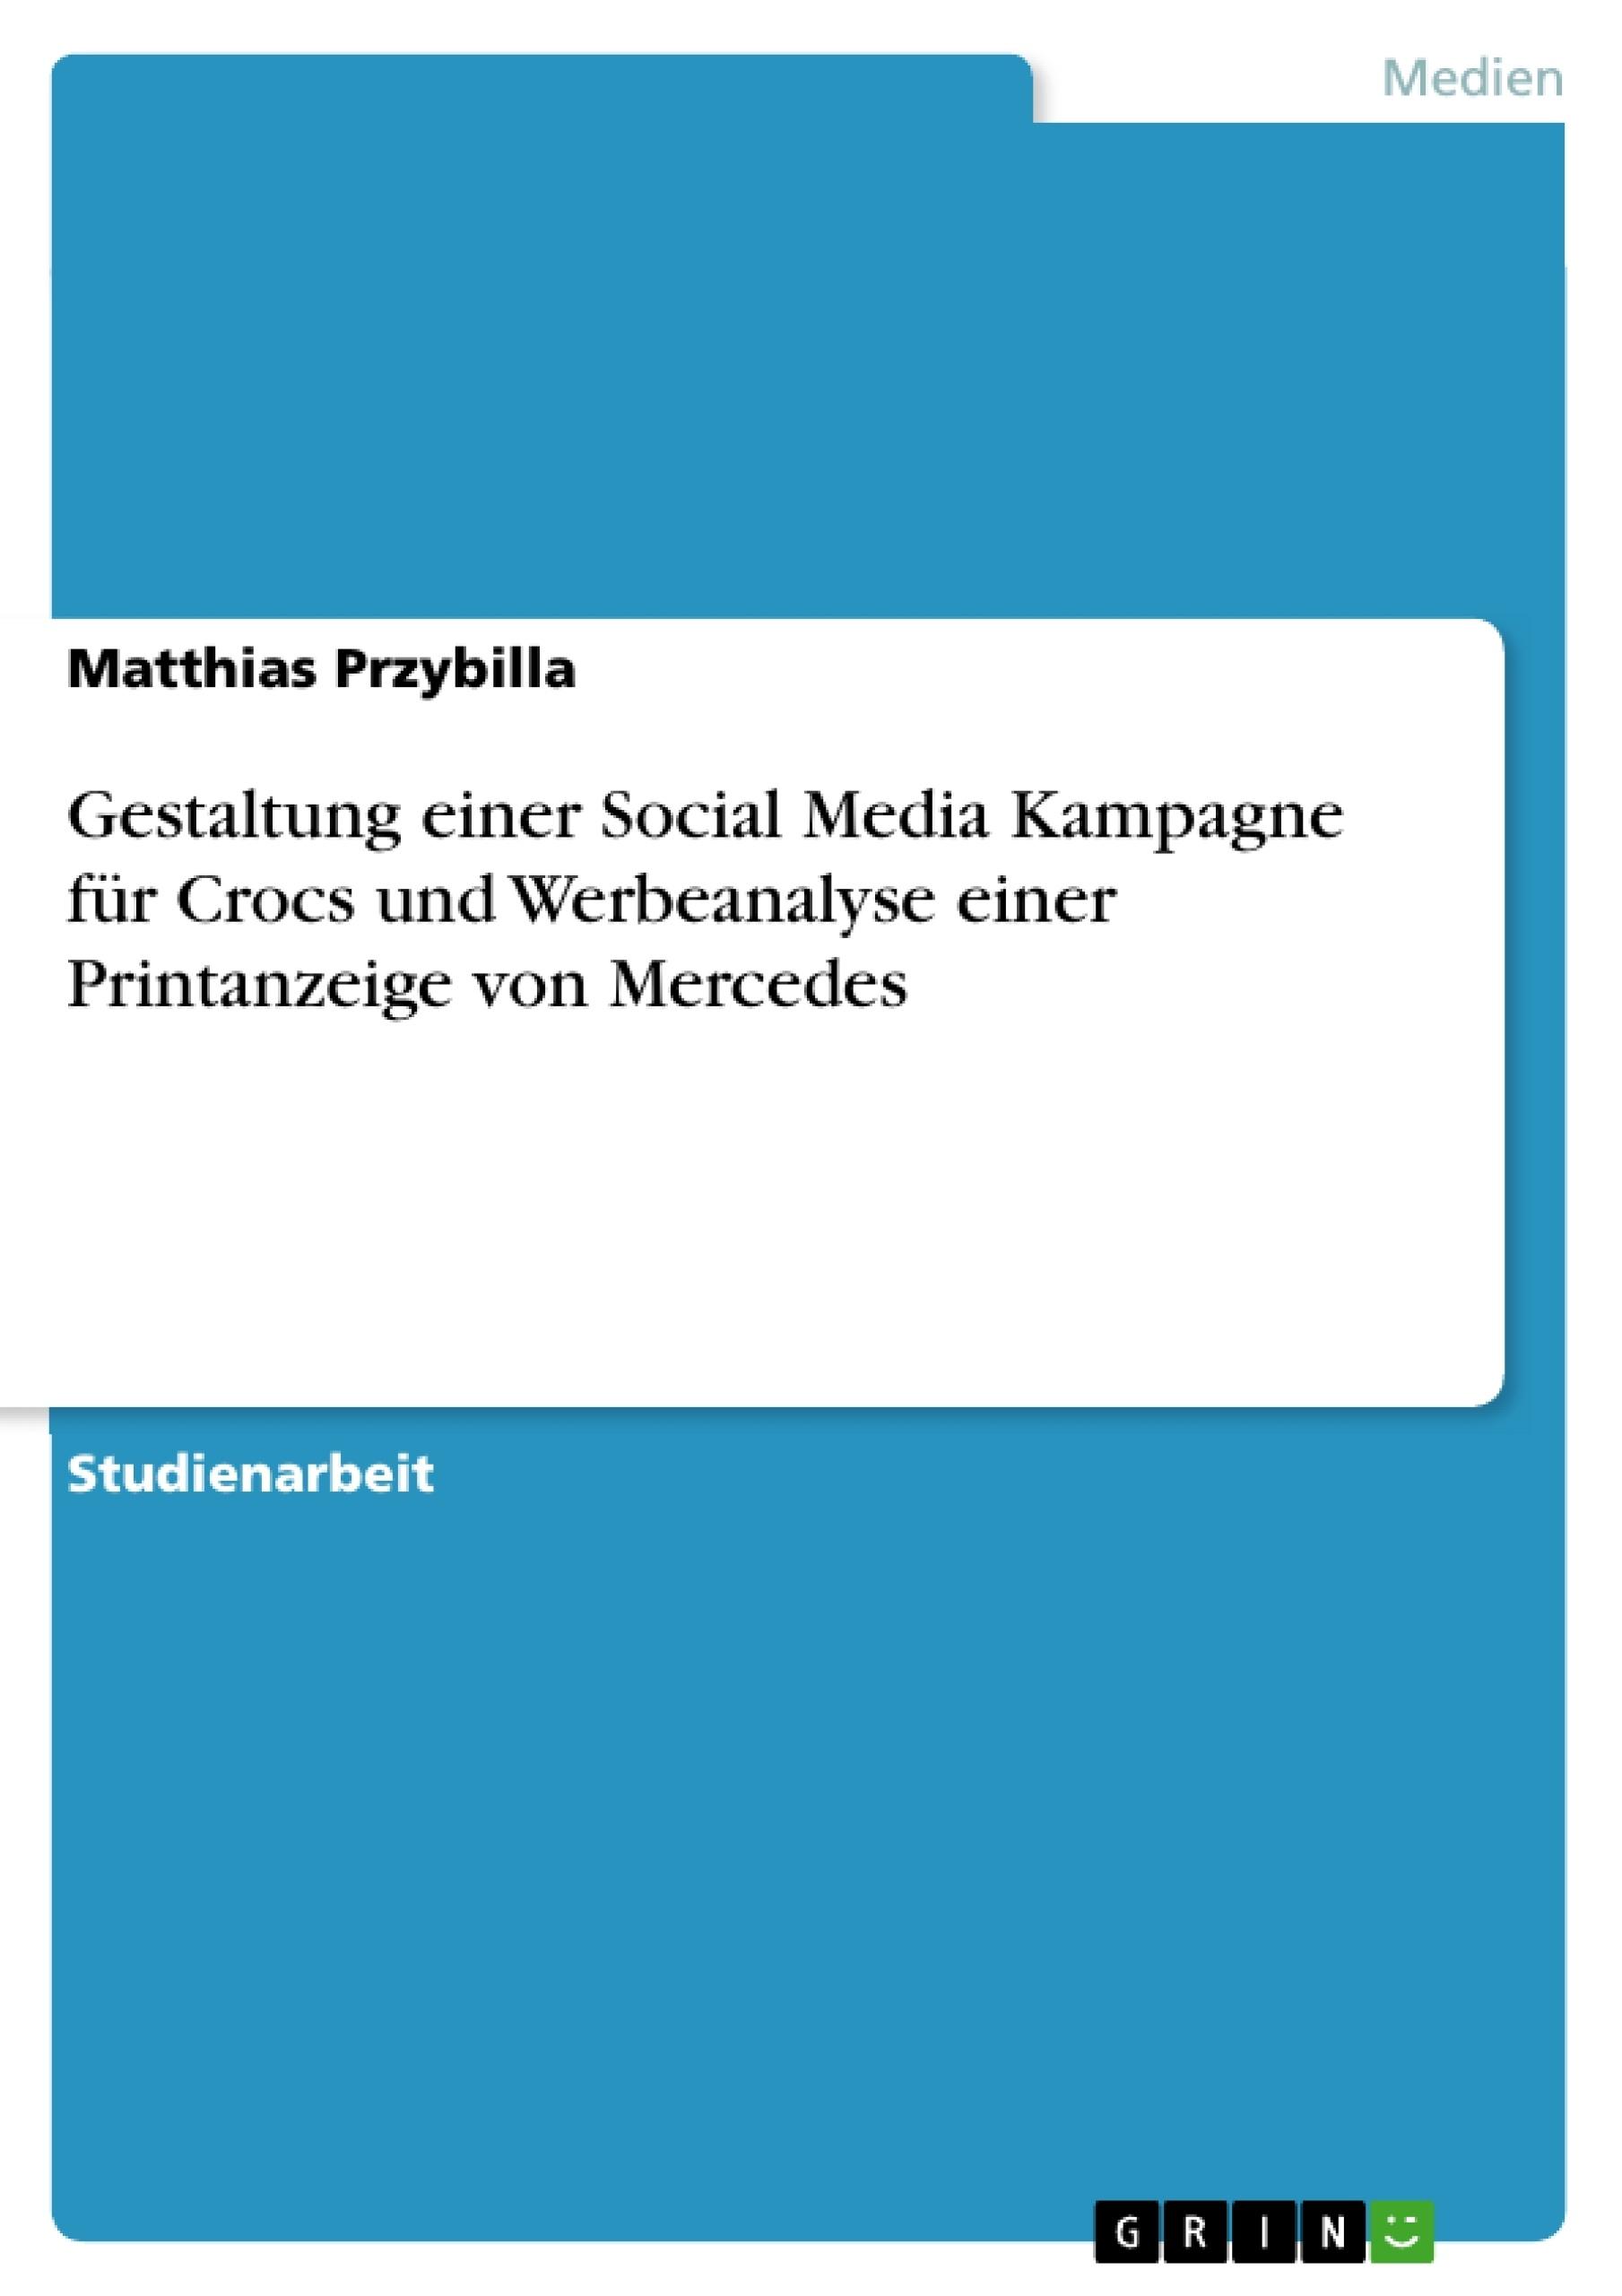 Titel: Gestaltung einer Social Media Kampagne für Crocs und Werbeanalyse einer Printanzeige von Mercedes